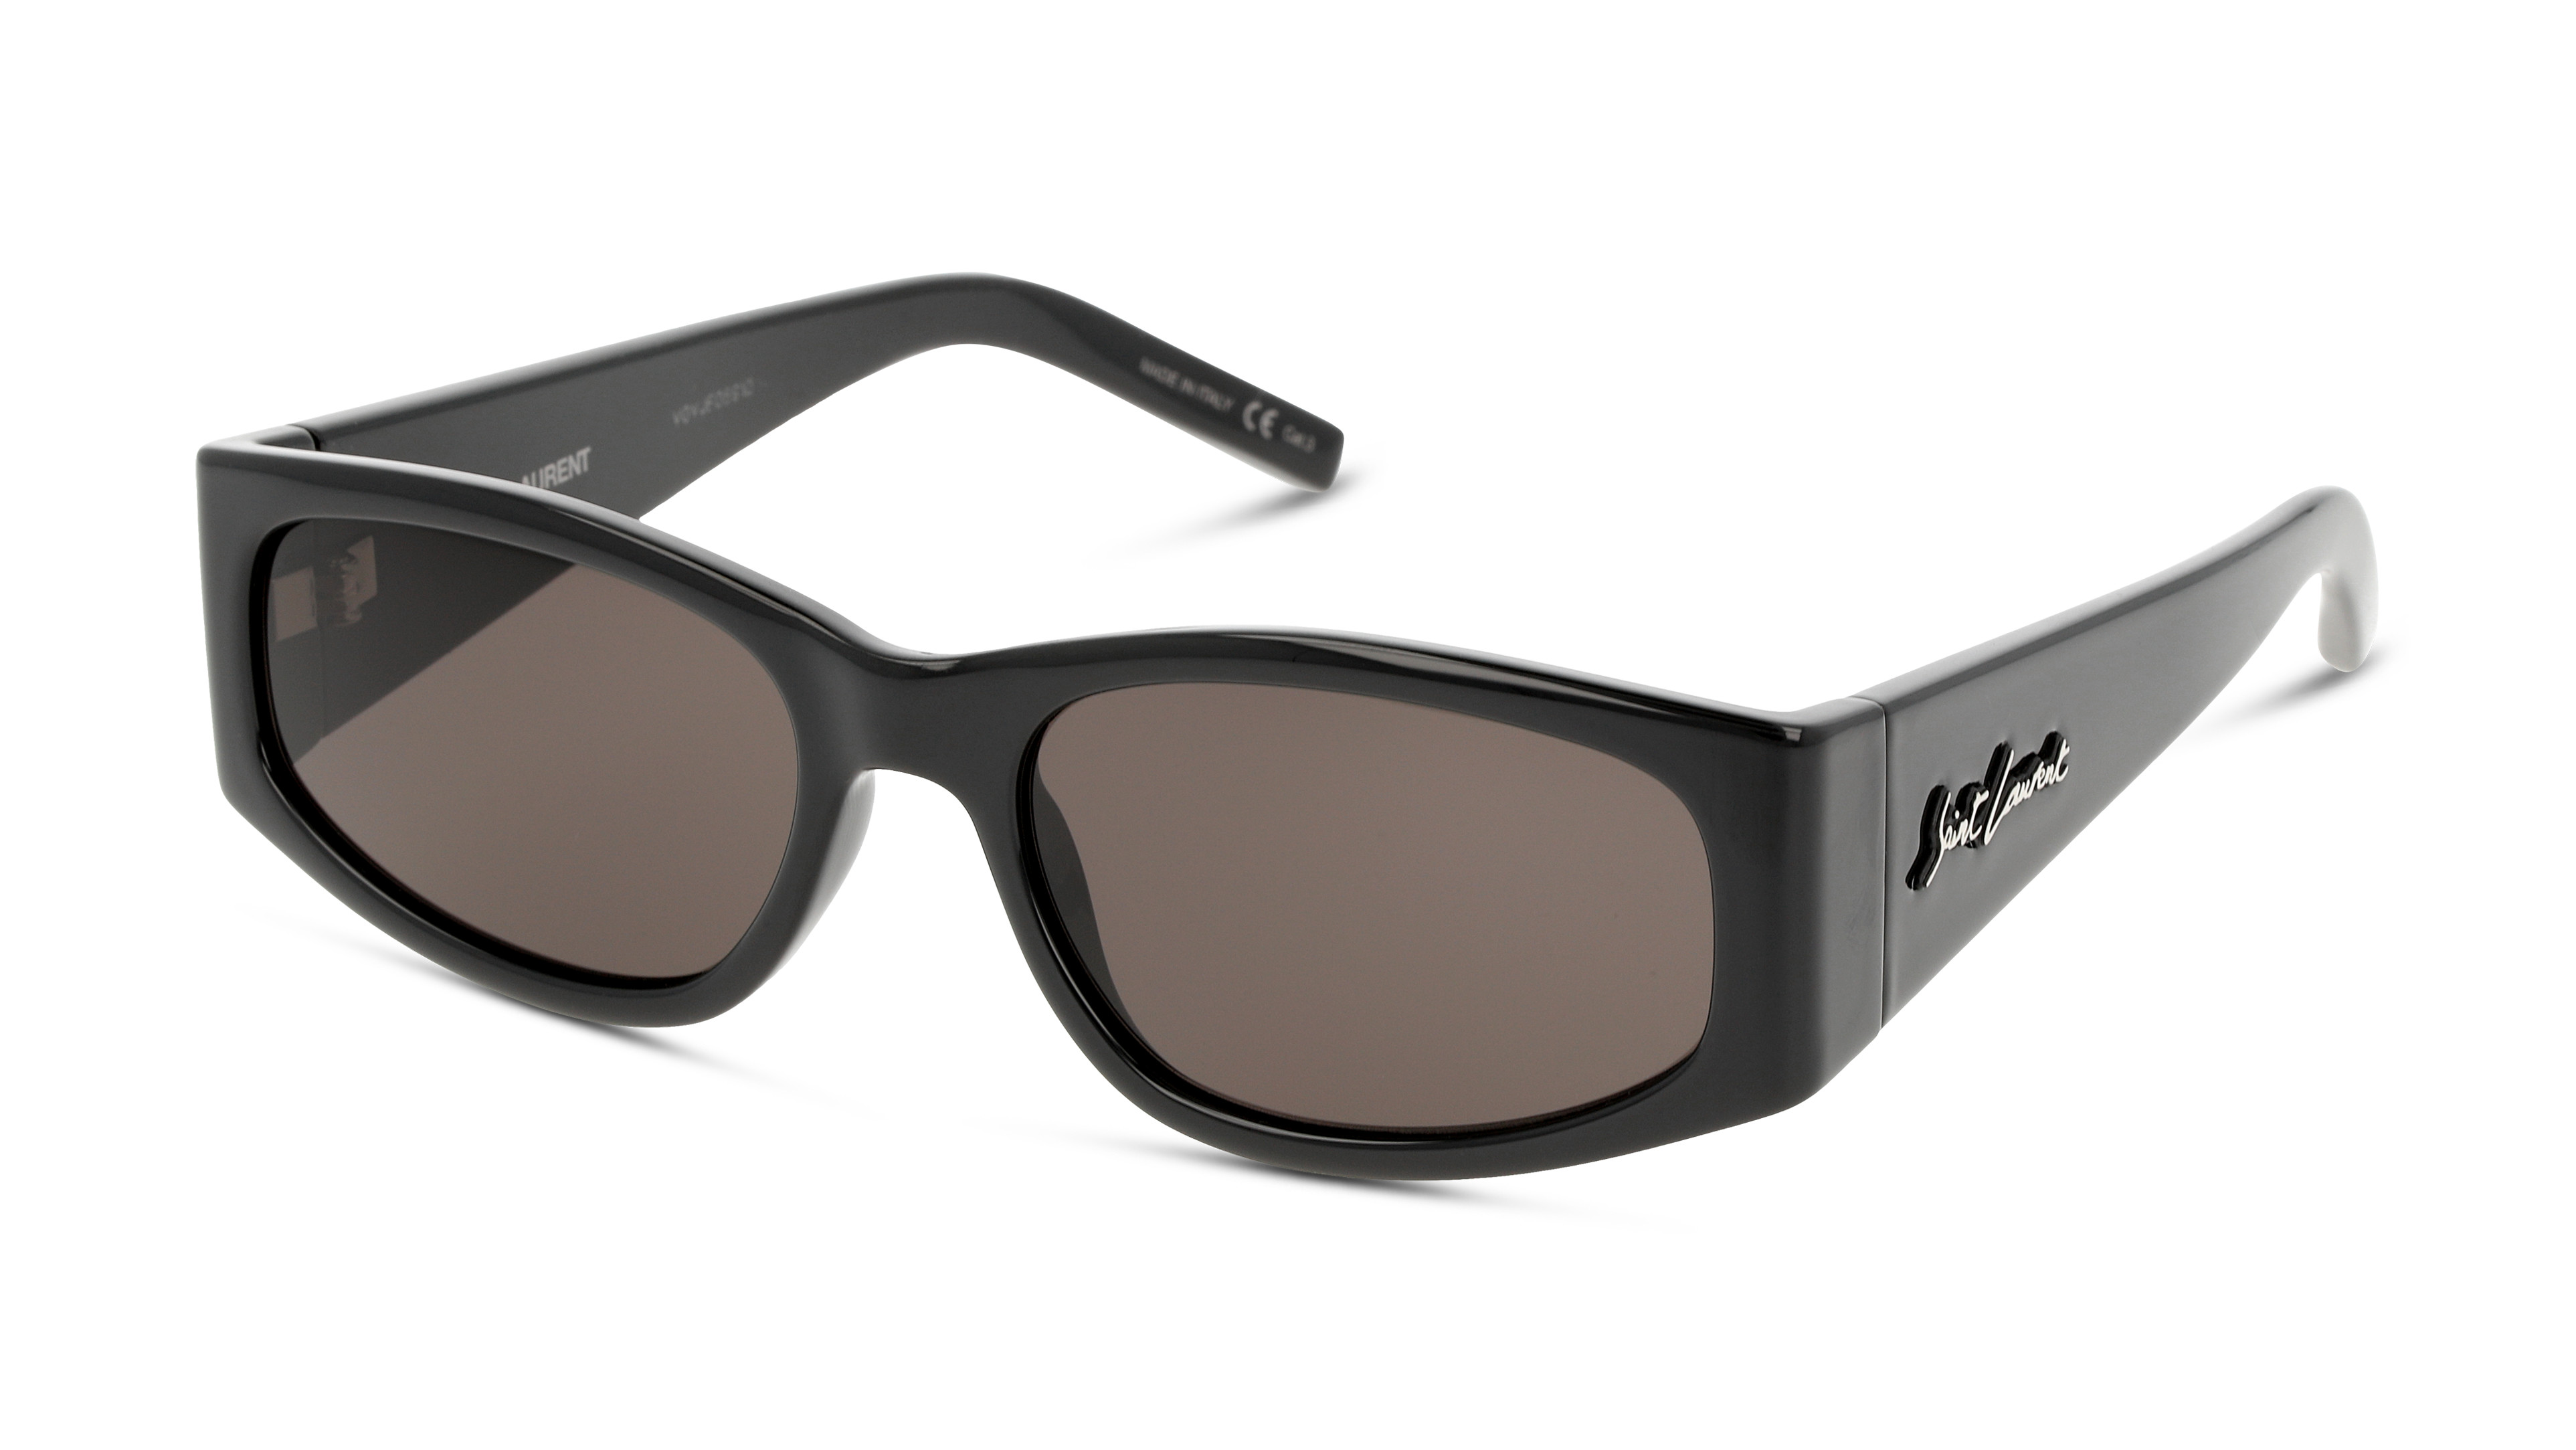 8056376291247-angle-03-saint-laurent-sl_329-eyewear-black-black-black